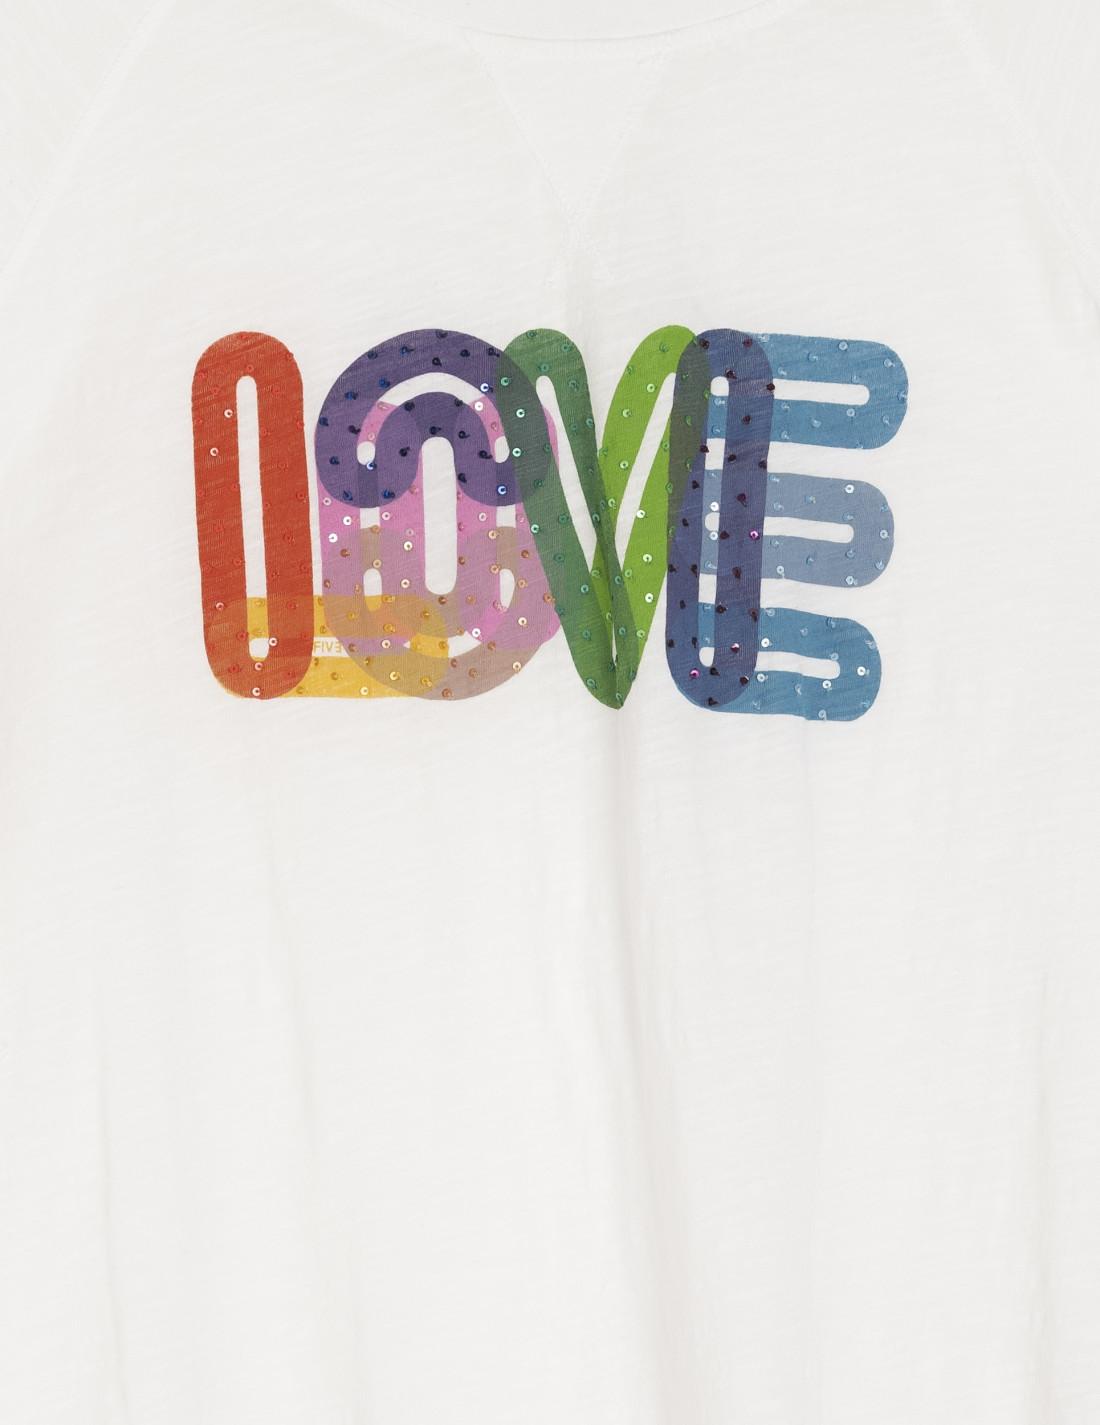 Camiseta blanca, cuello redondo y manga corta con letras entrelazadas en tela